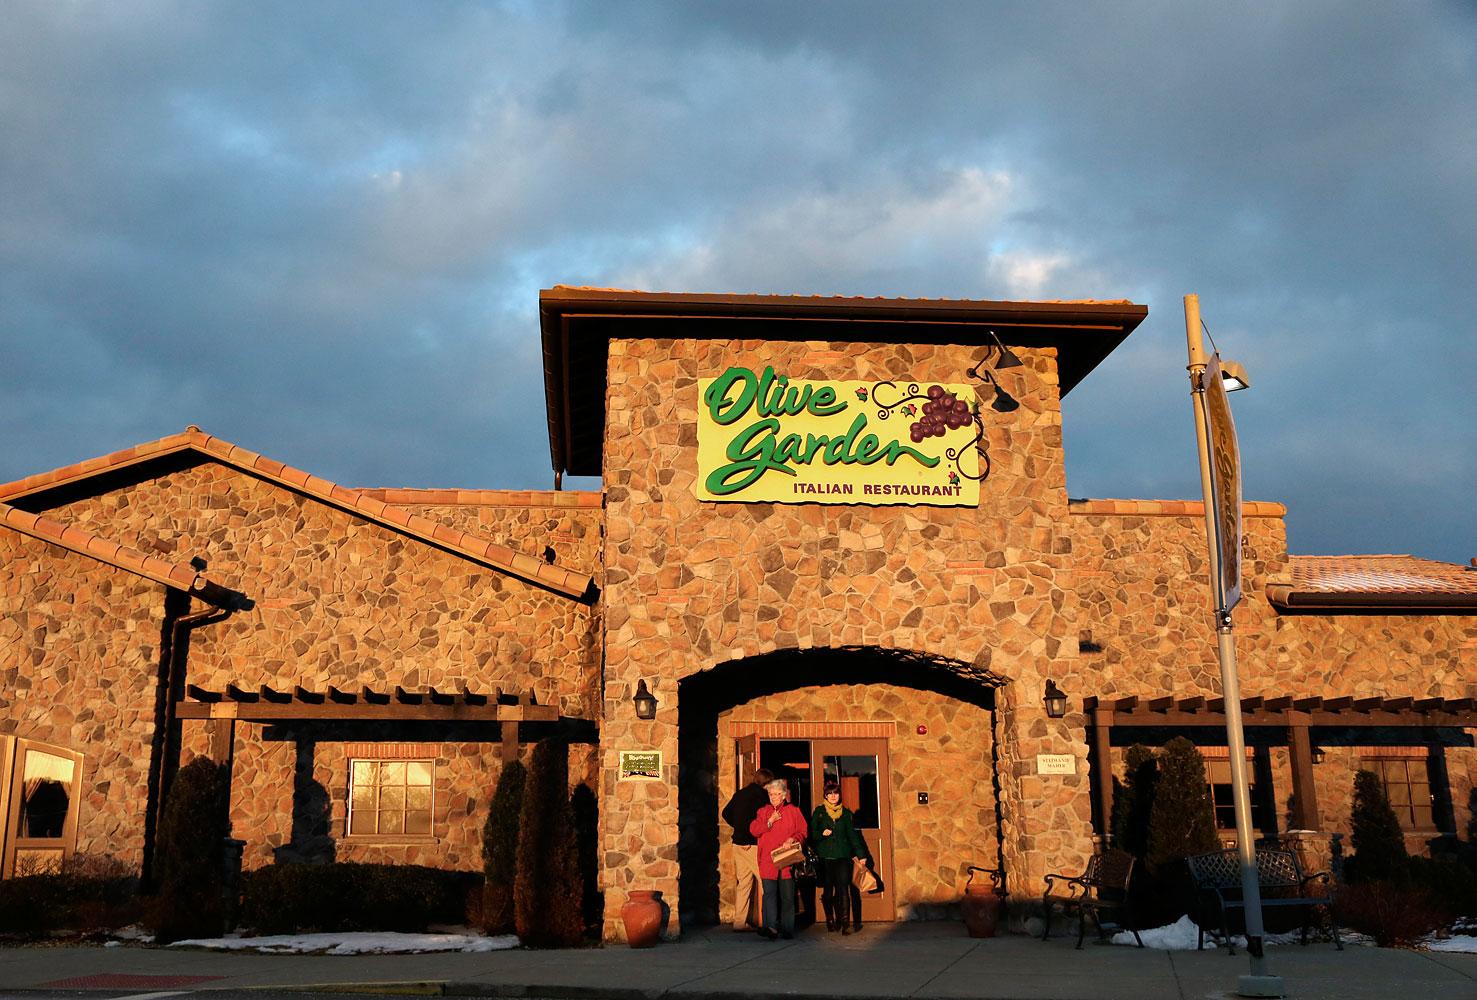 An Olive Garden restaurant in Foxborough, Mass., March 20, 2013.